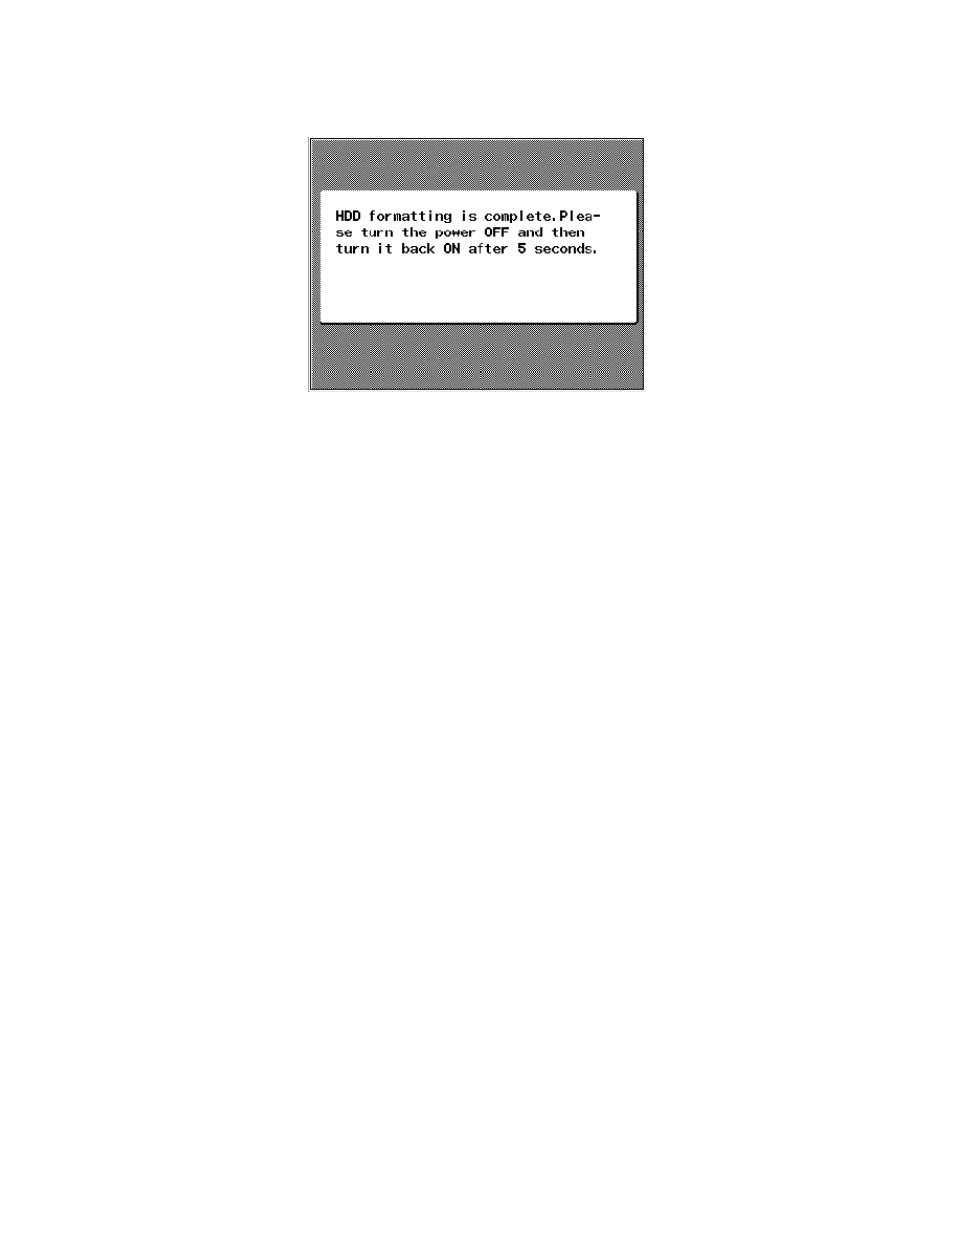 Konica Minolta bizhub 222 User Manual | Page 19 / 30